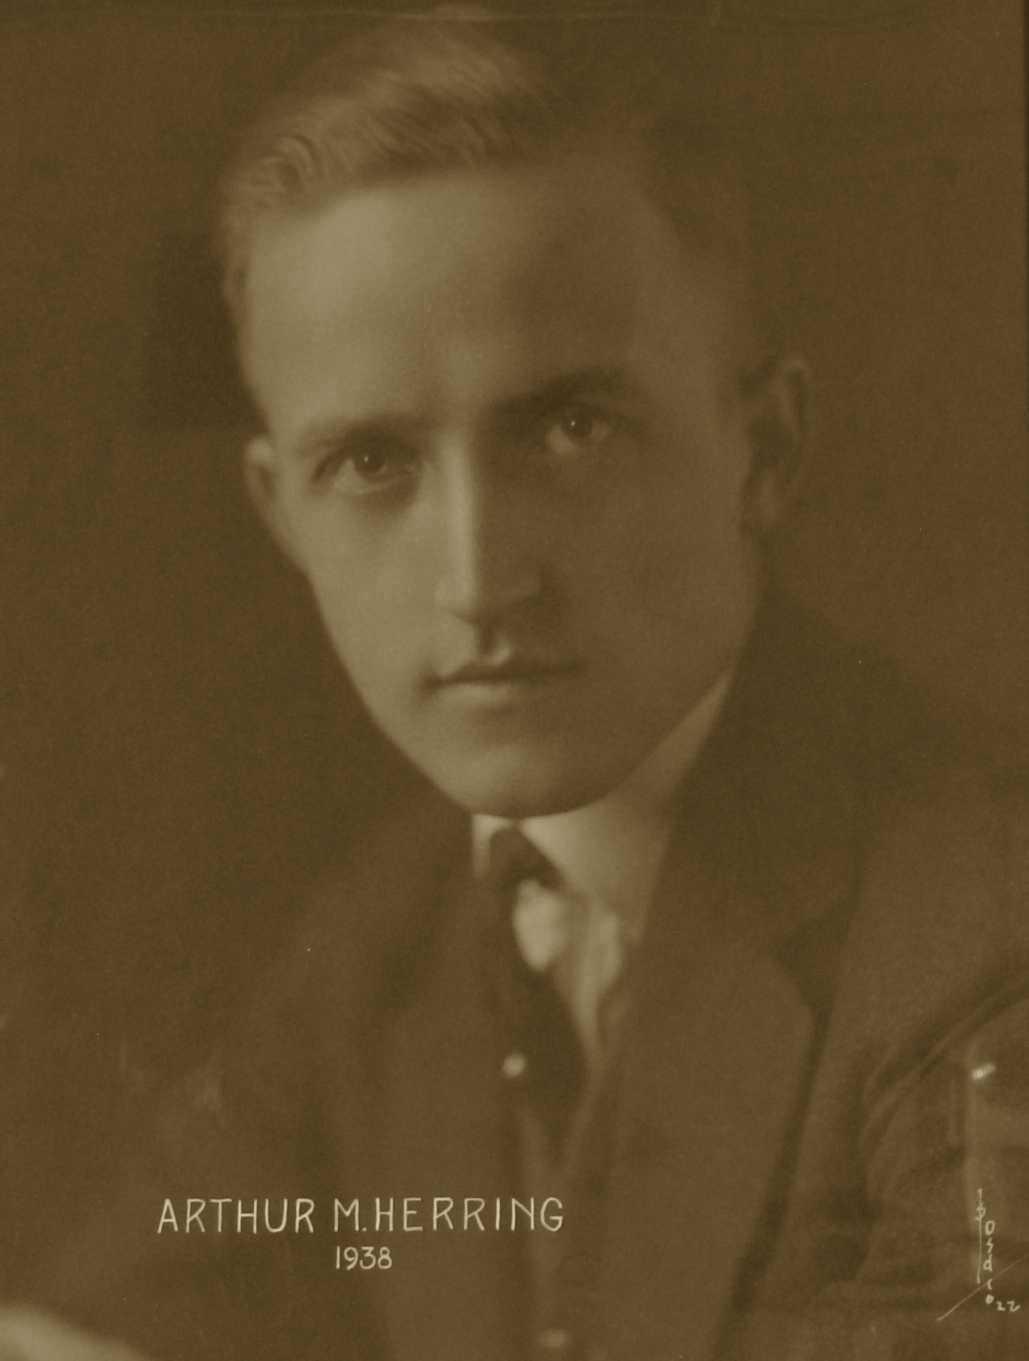 Arthur M. Herring, 1938